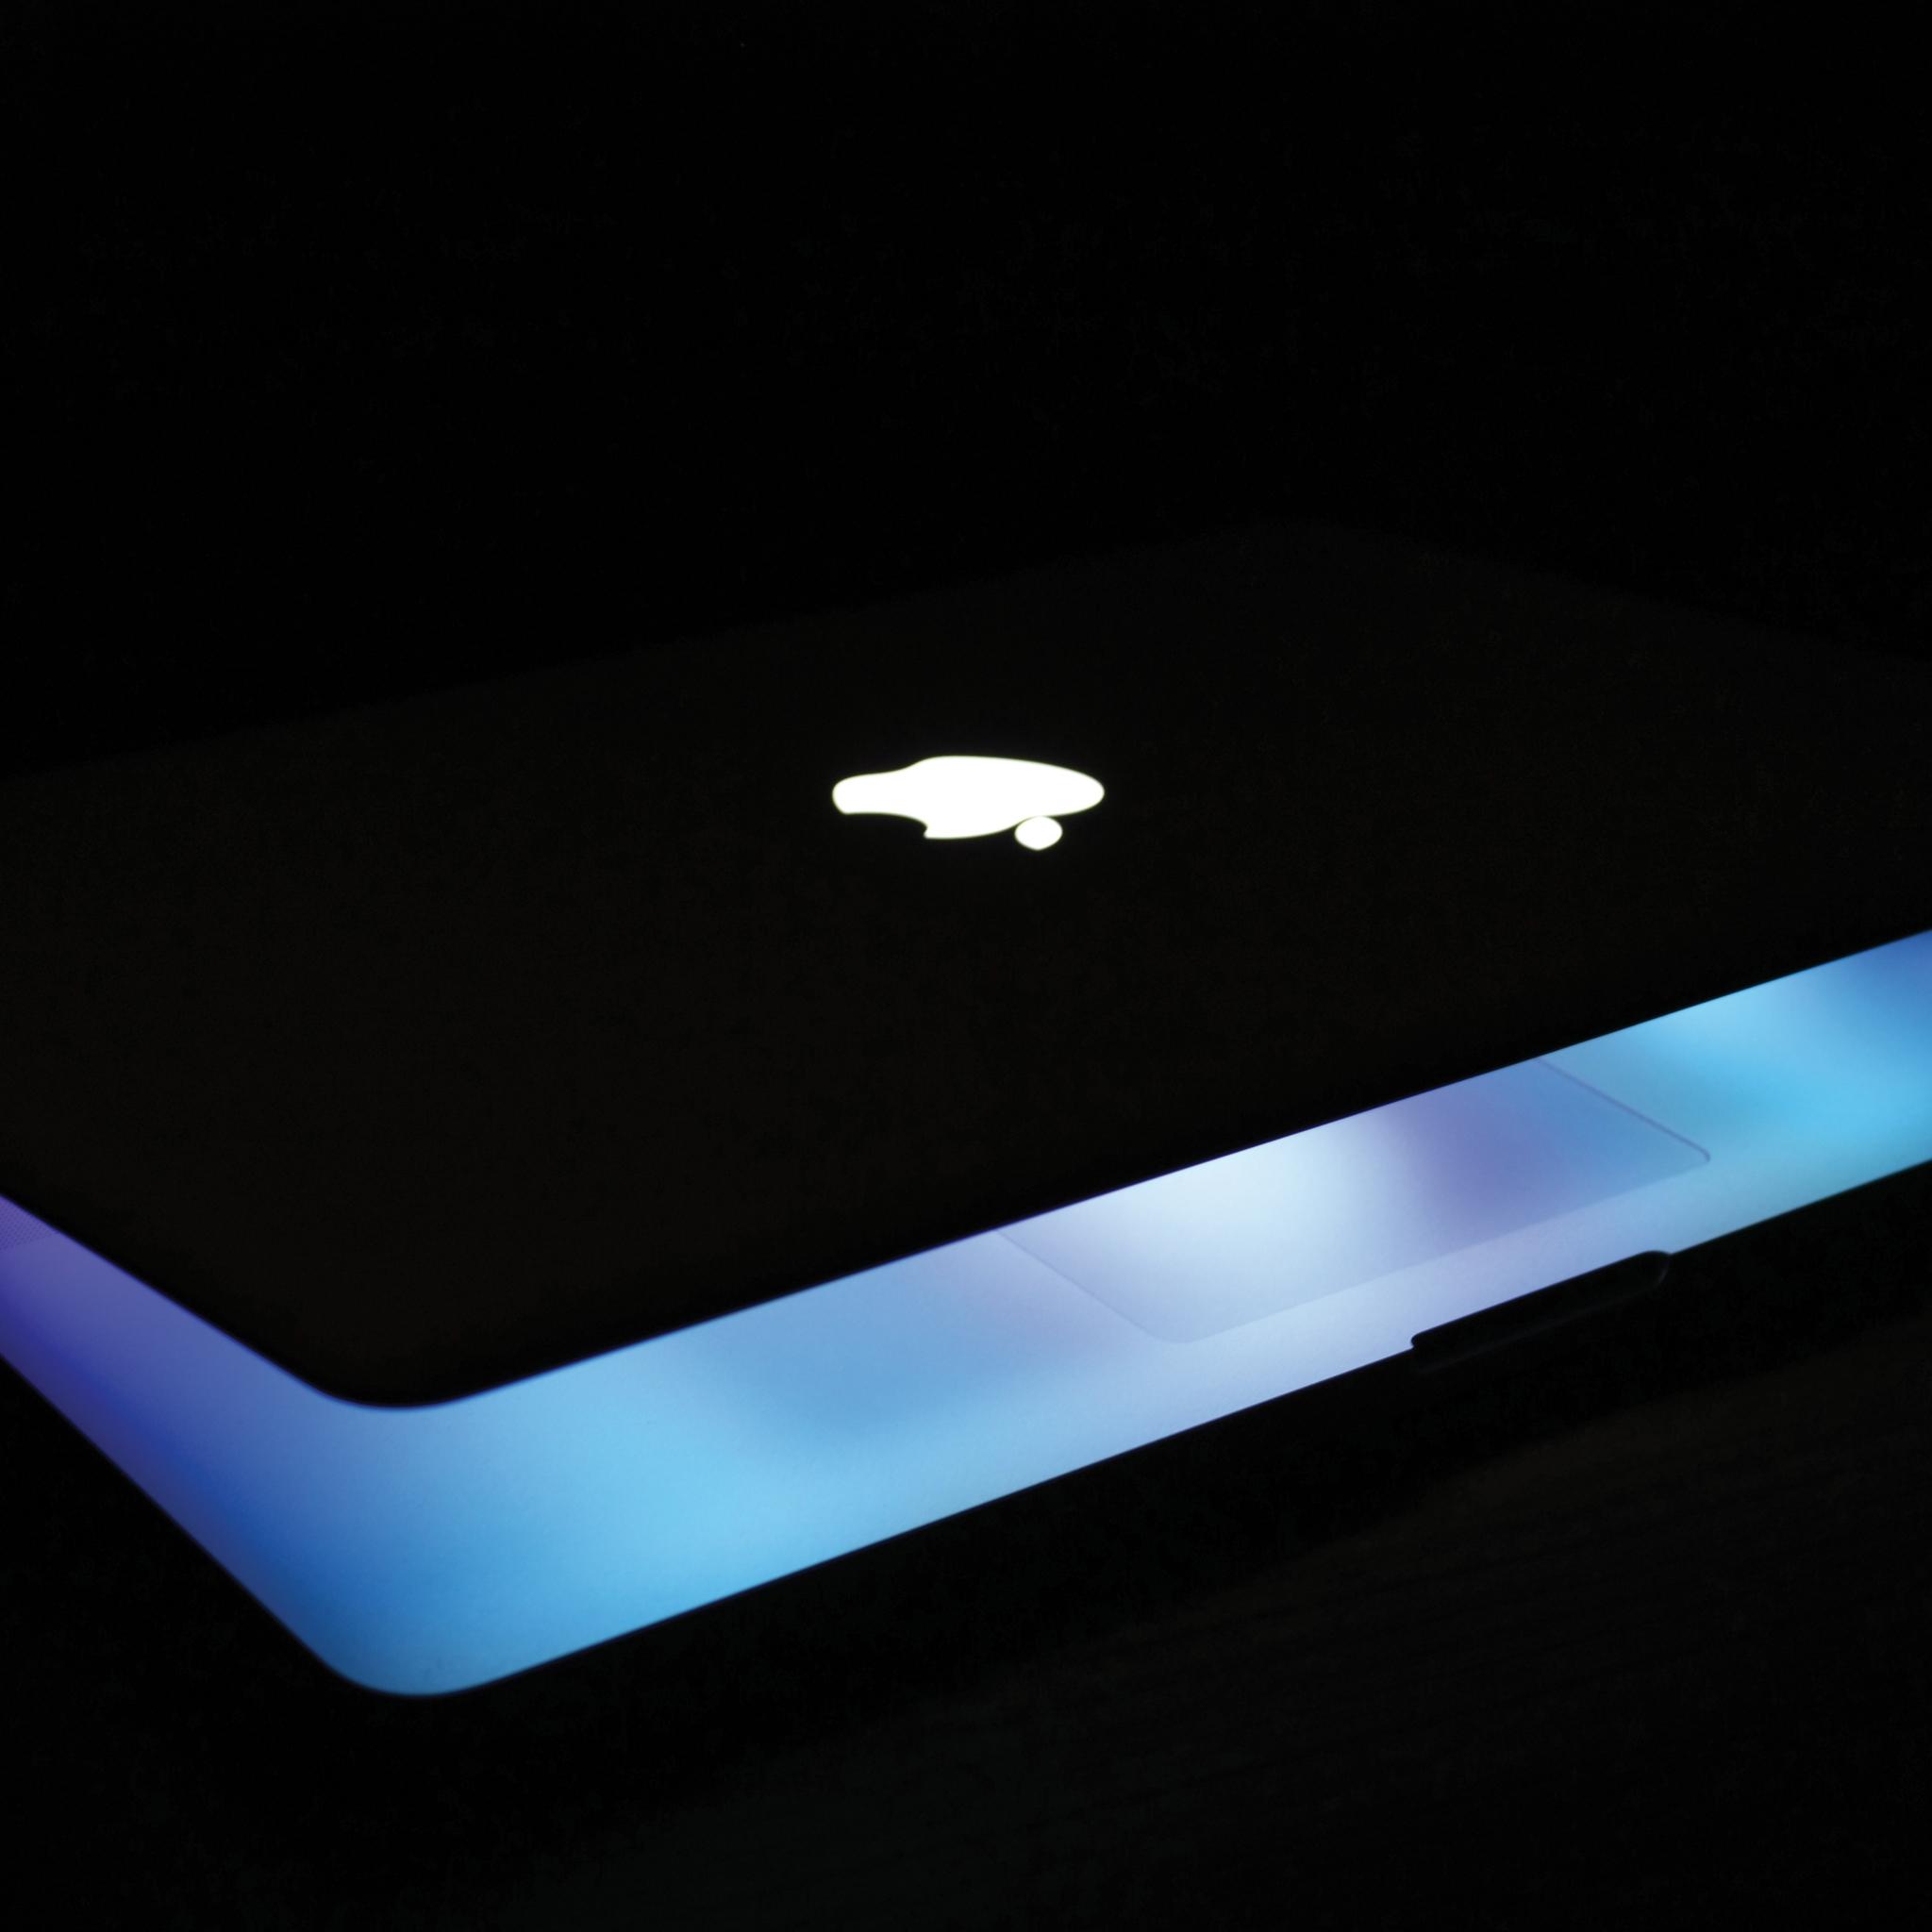 MacBook-Pro-3Wallpapers-ipad-Retina